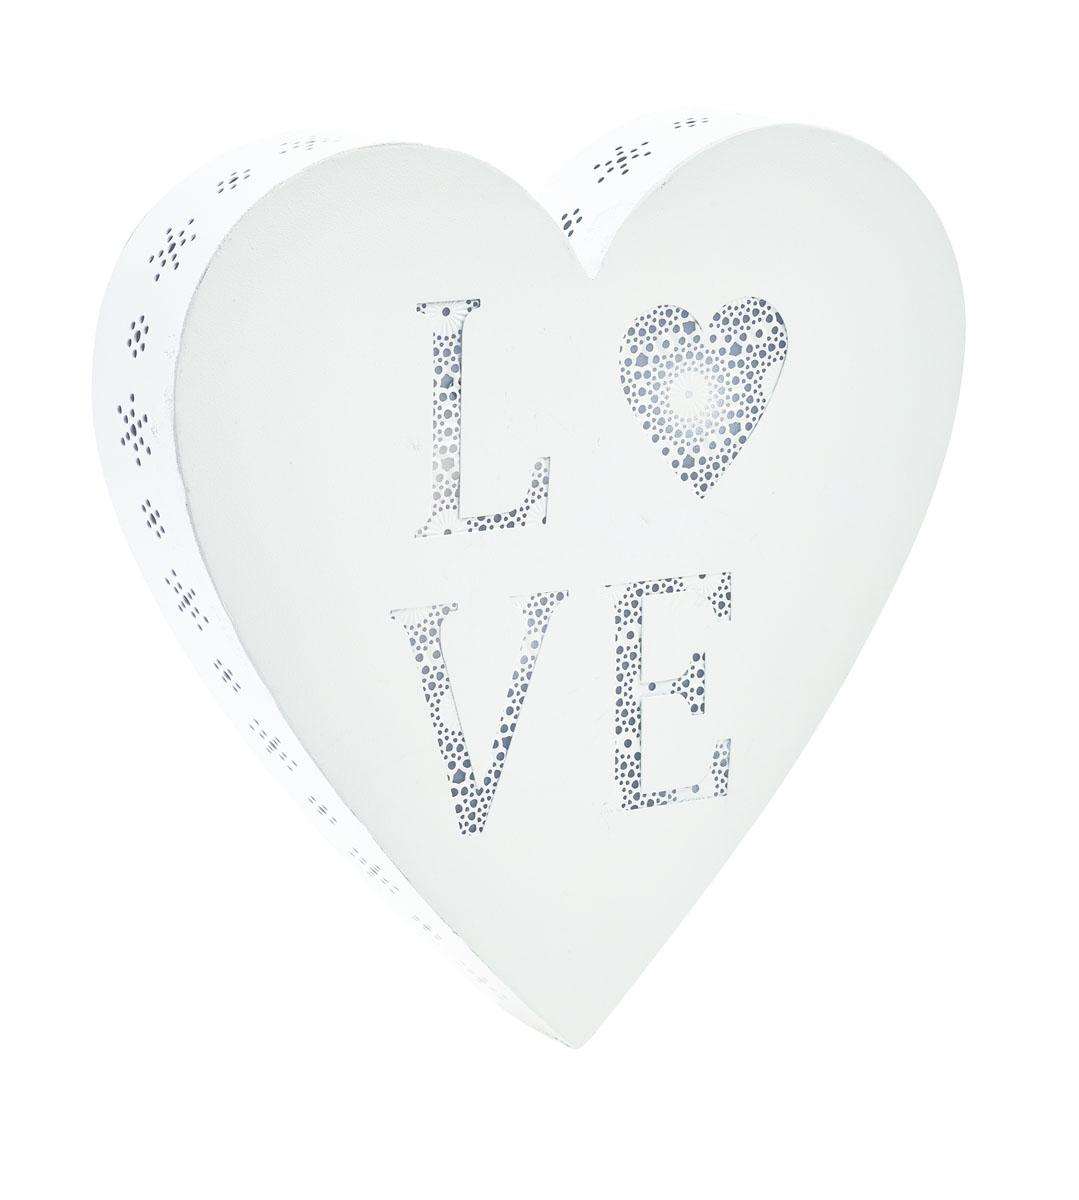 Декоративное настенное украшение Gardman Love Heart, с LED подсветкой, 25,5 x 5 х 25,5 см17273Декоративное настенное украшение Gardman Love Heart изготовлено из металла. Для удобства размещения изделие оснащено отверстиями для подвешивания. LED подсветка придаст неповторимый дизайн вашему интерьеру. Работает от 2 батареек типа AA (входят в комплект). Имеет встроенный таймер, с возможностью программирования на 6 и 18 часов.